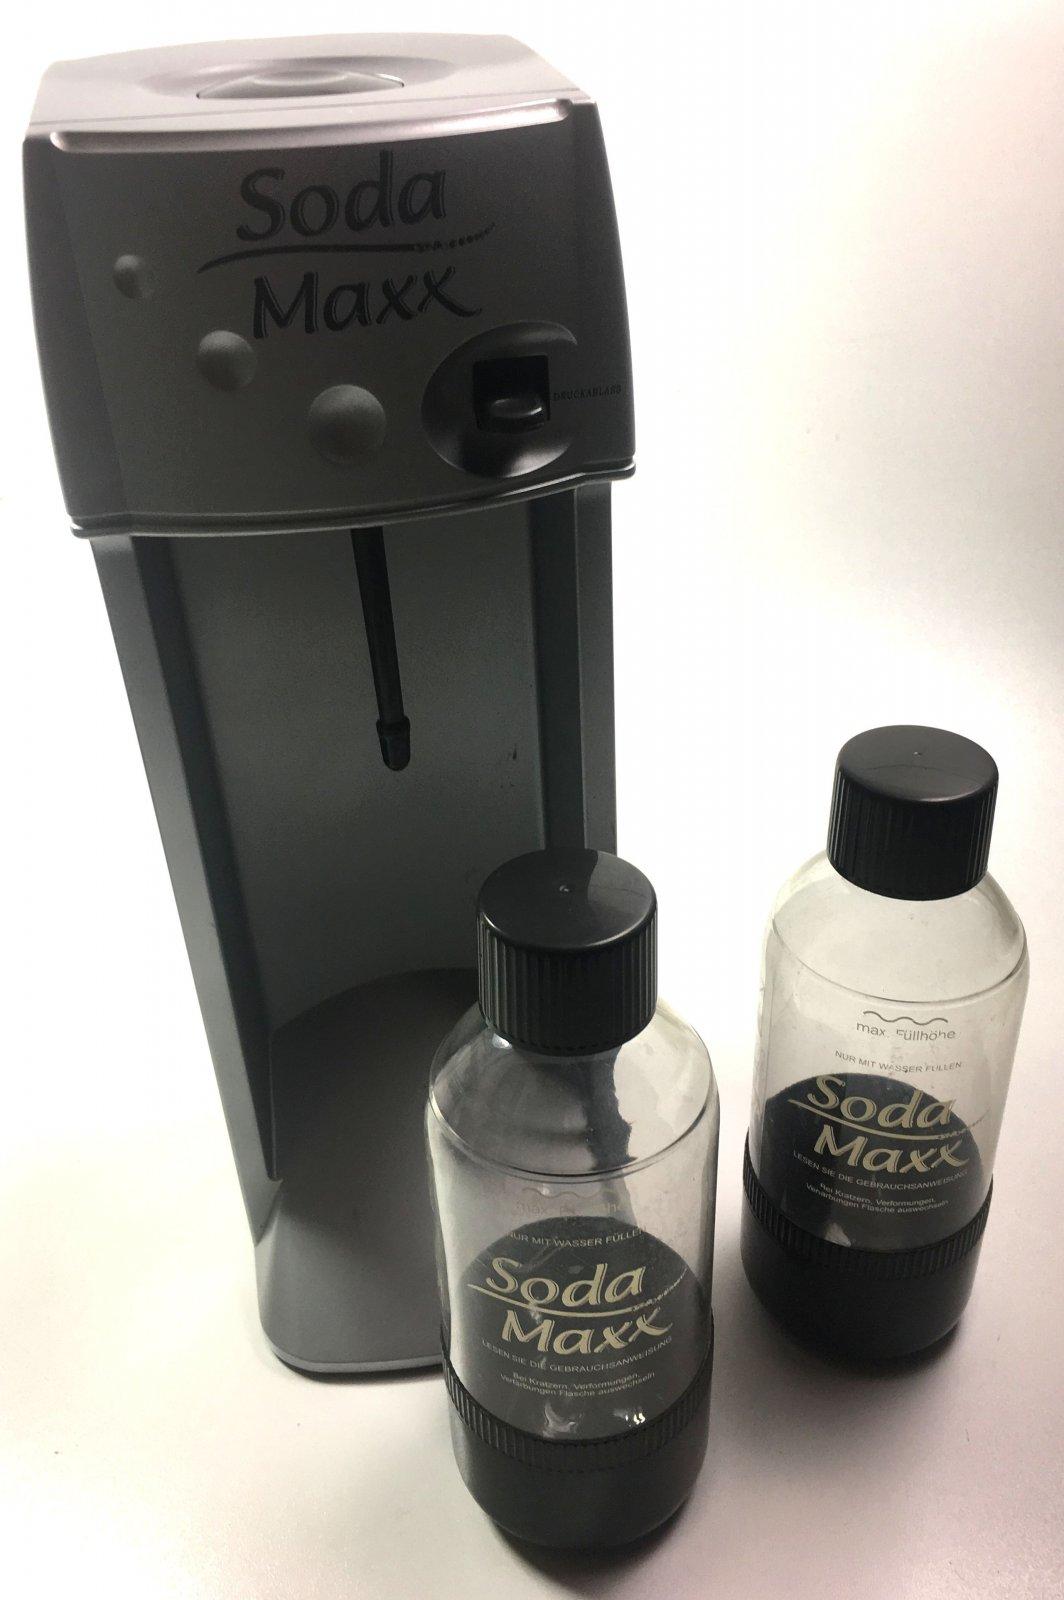 soda maxx sprudelger t sprudler gebraucht wasser aufbereitung haushalt schrott. Black Bedroom Furniture Sets. Home Design Ideas